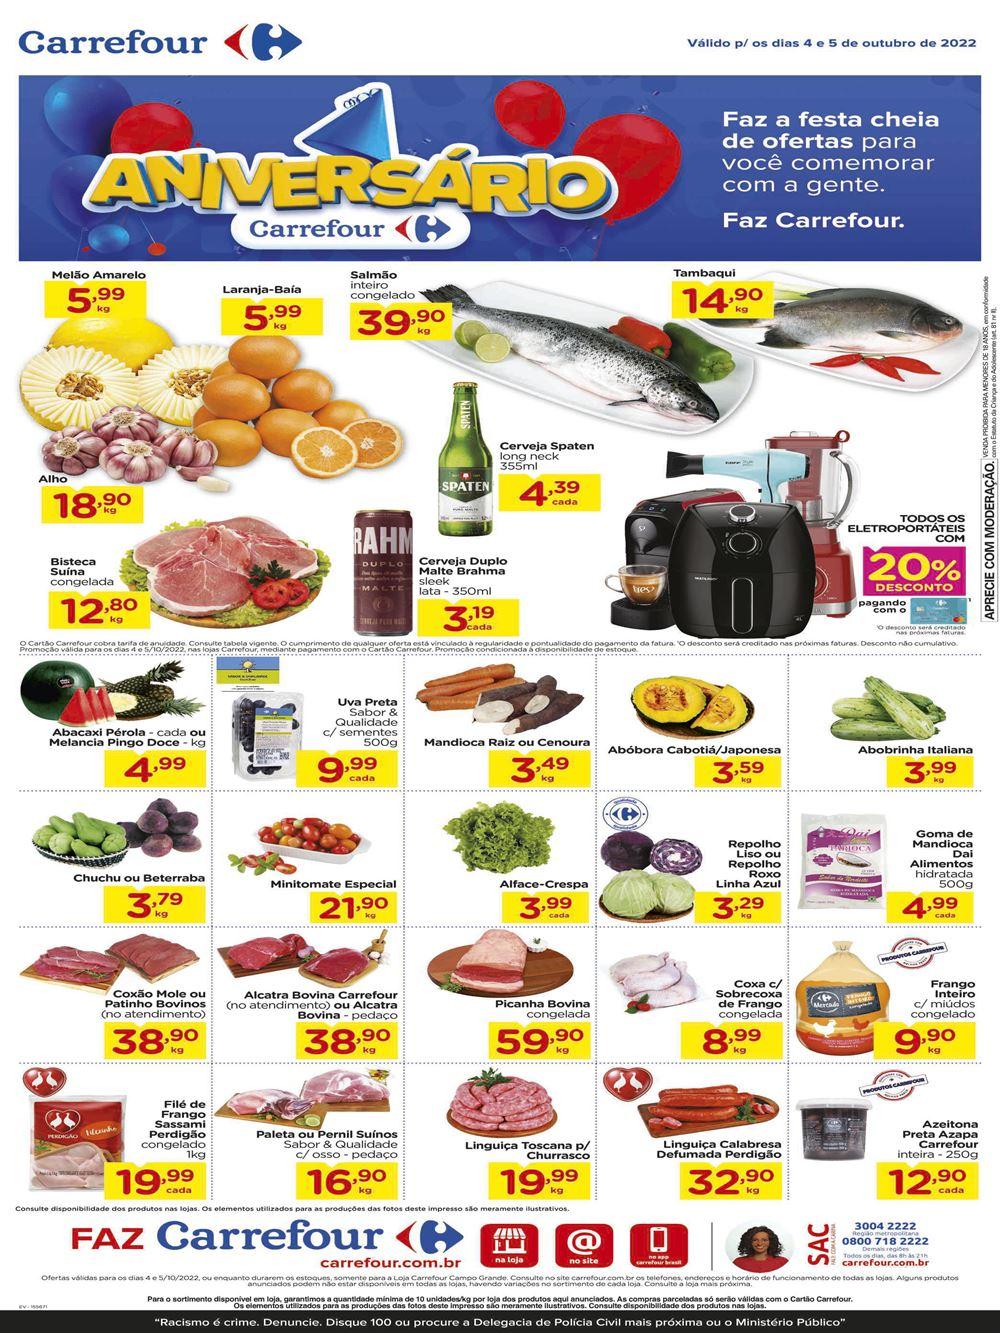 carrefour-ofertas-descontos-hoje4-22 Ceará